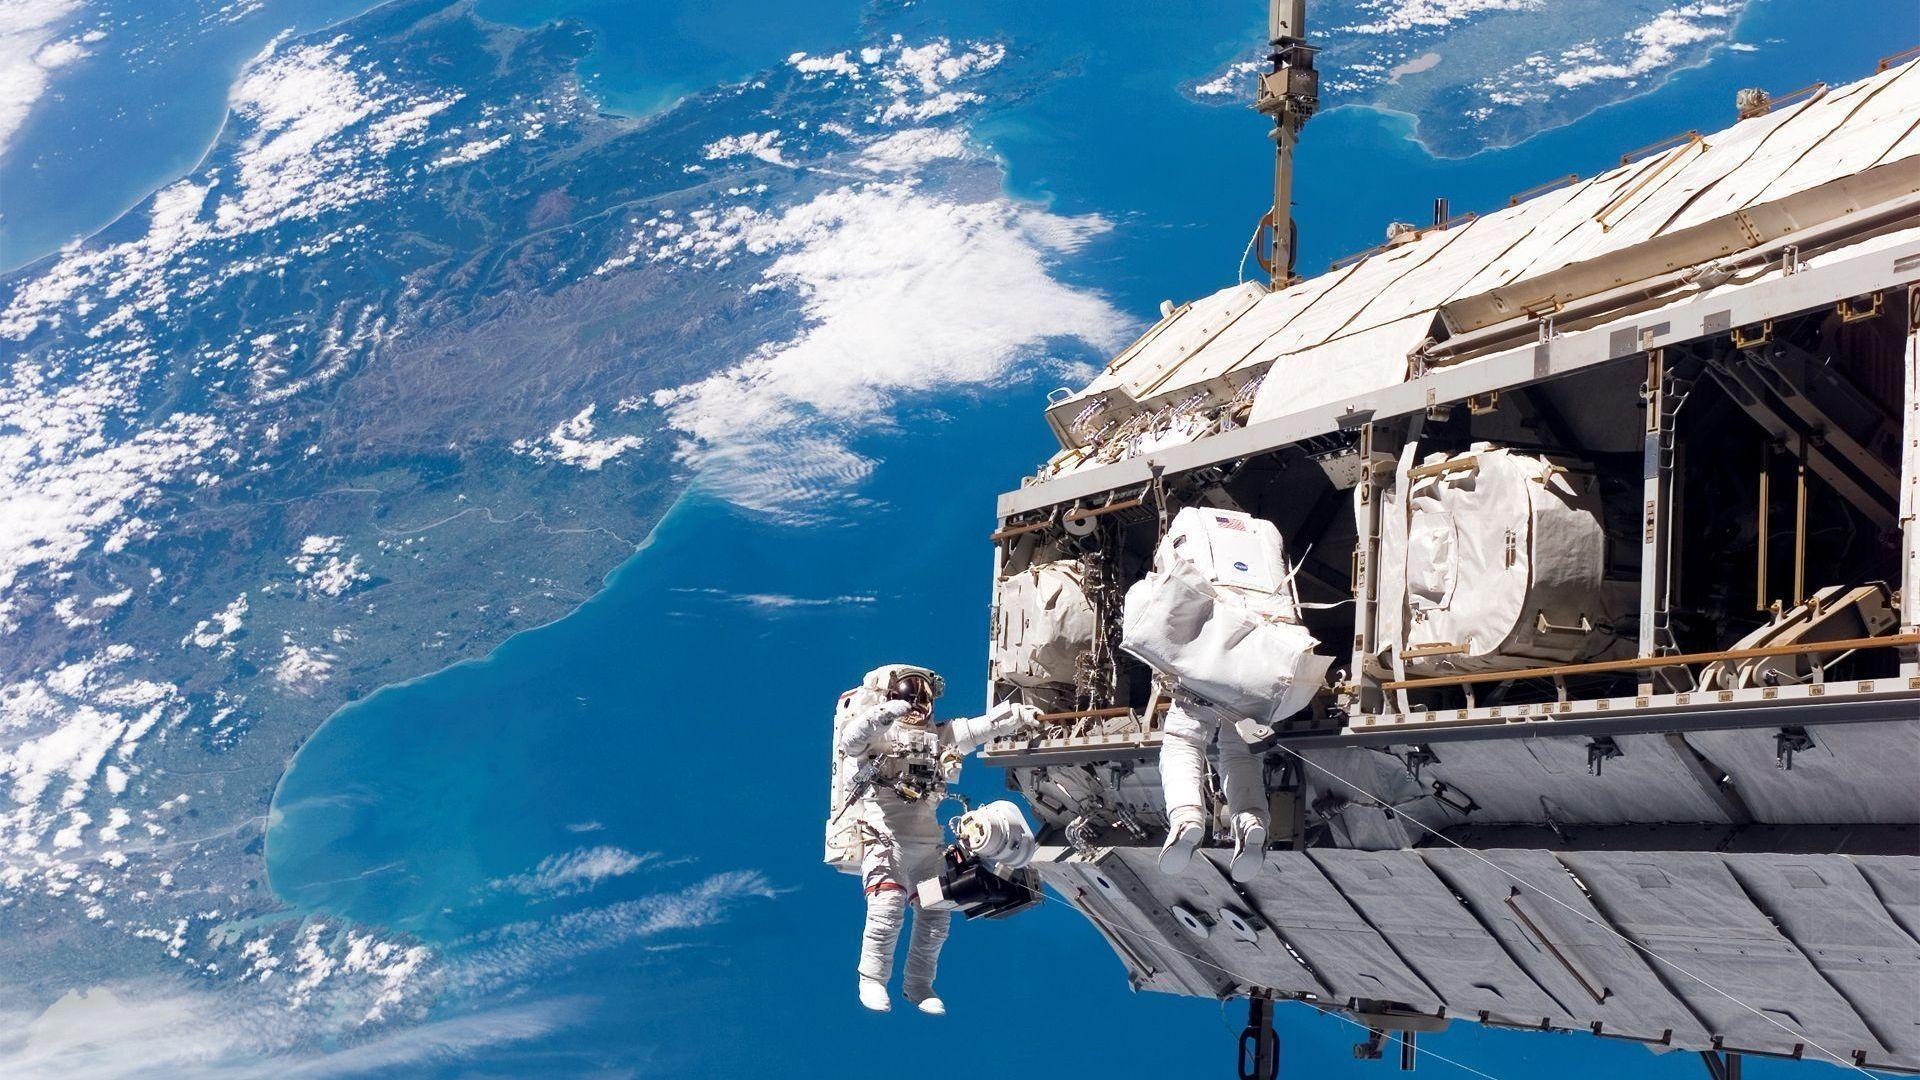 fond d'écran astronaute gratuit fonds écran astronaute, espace